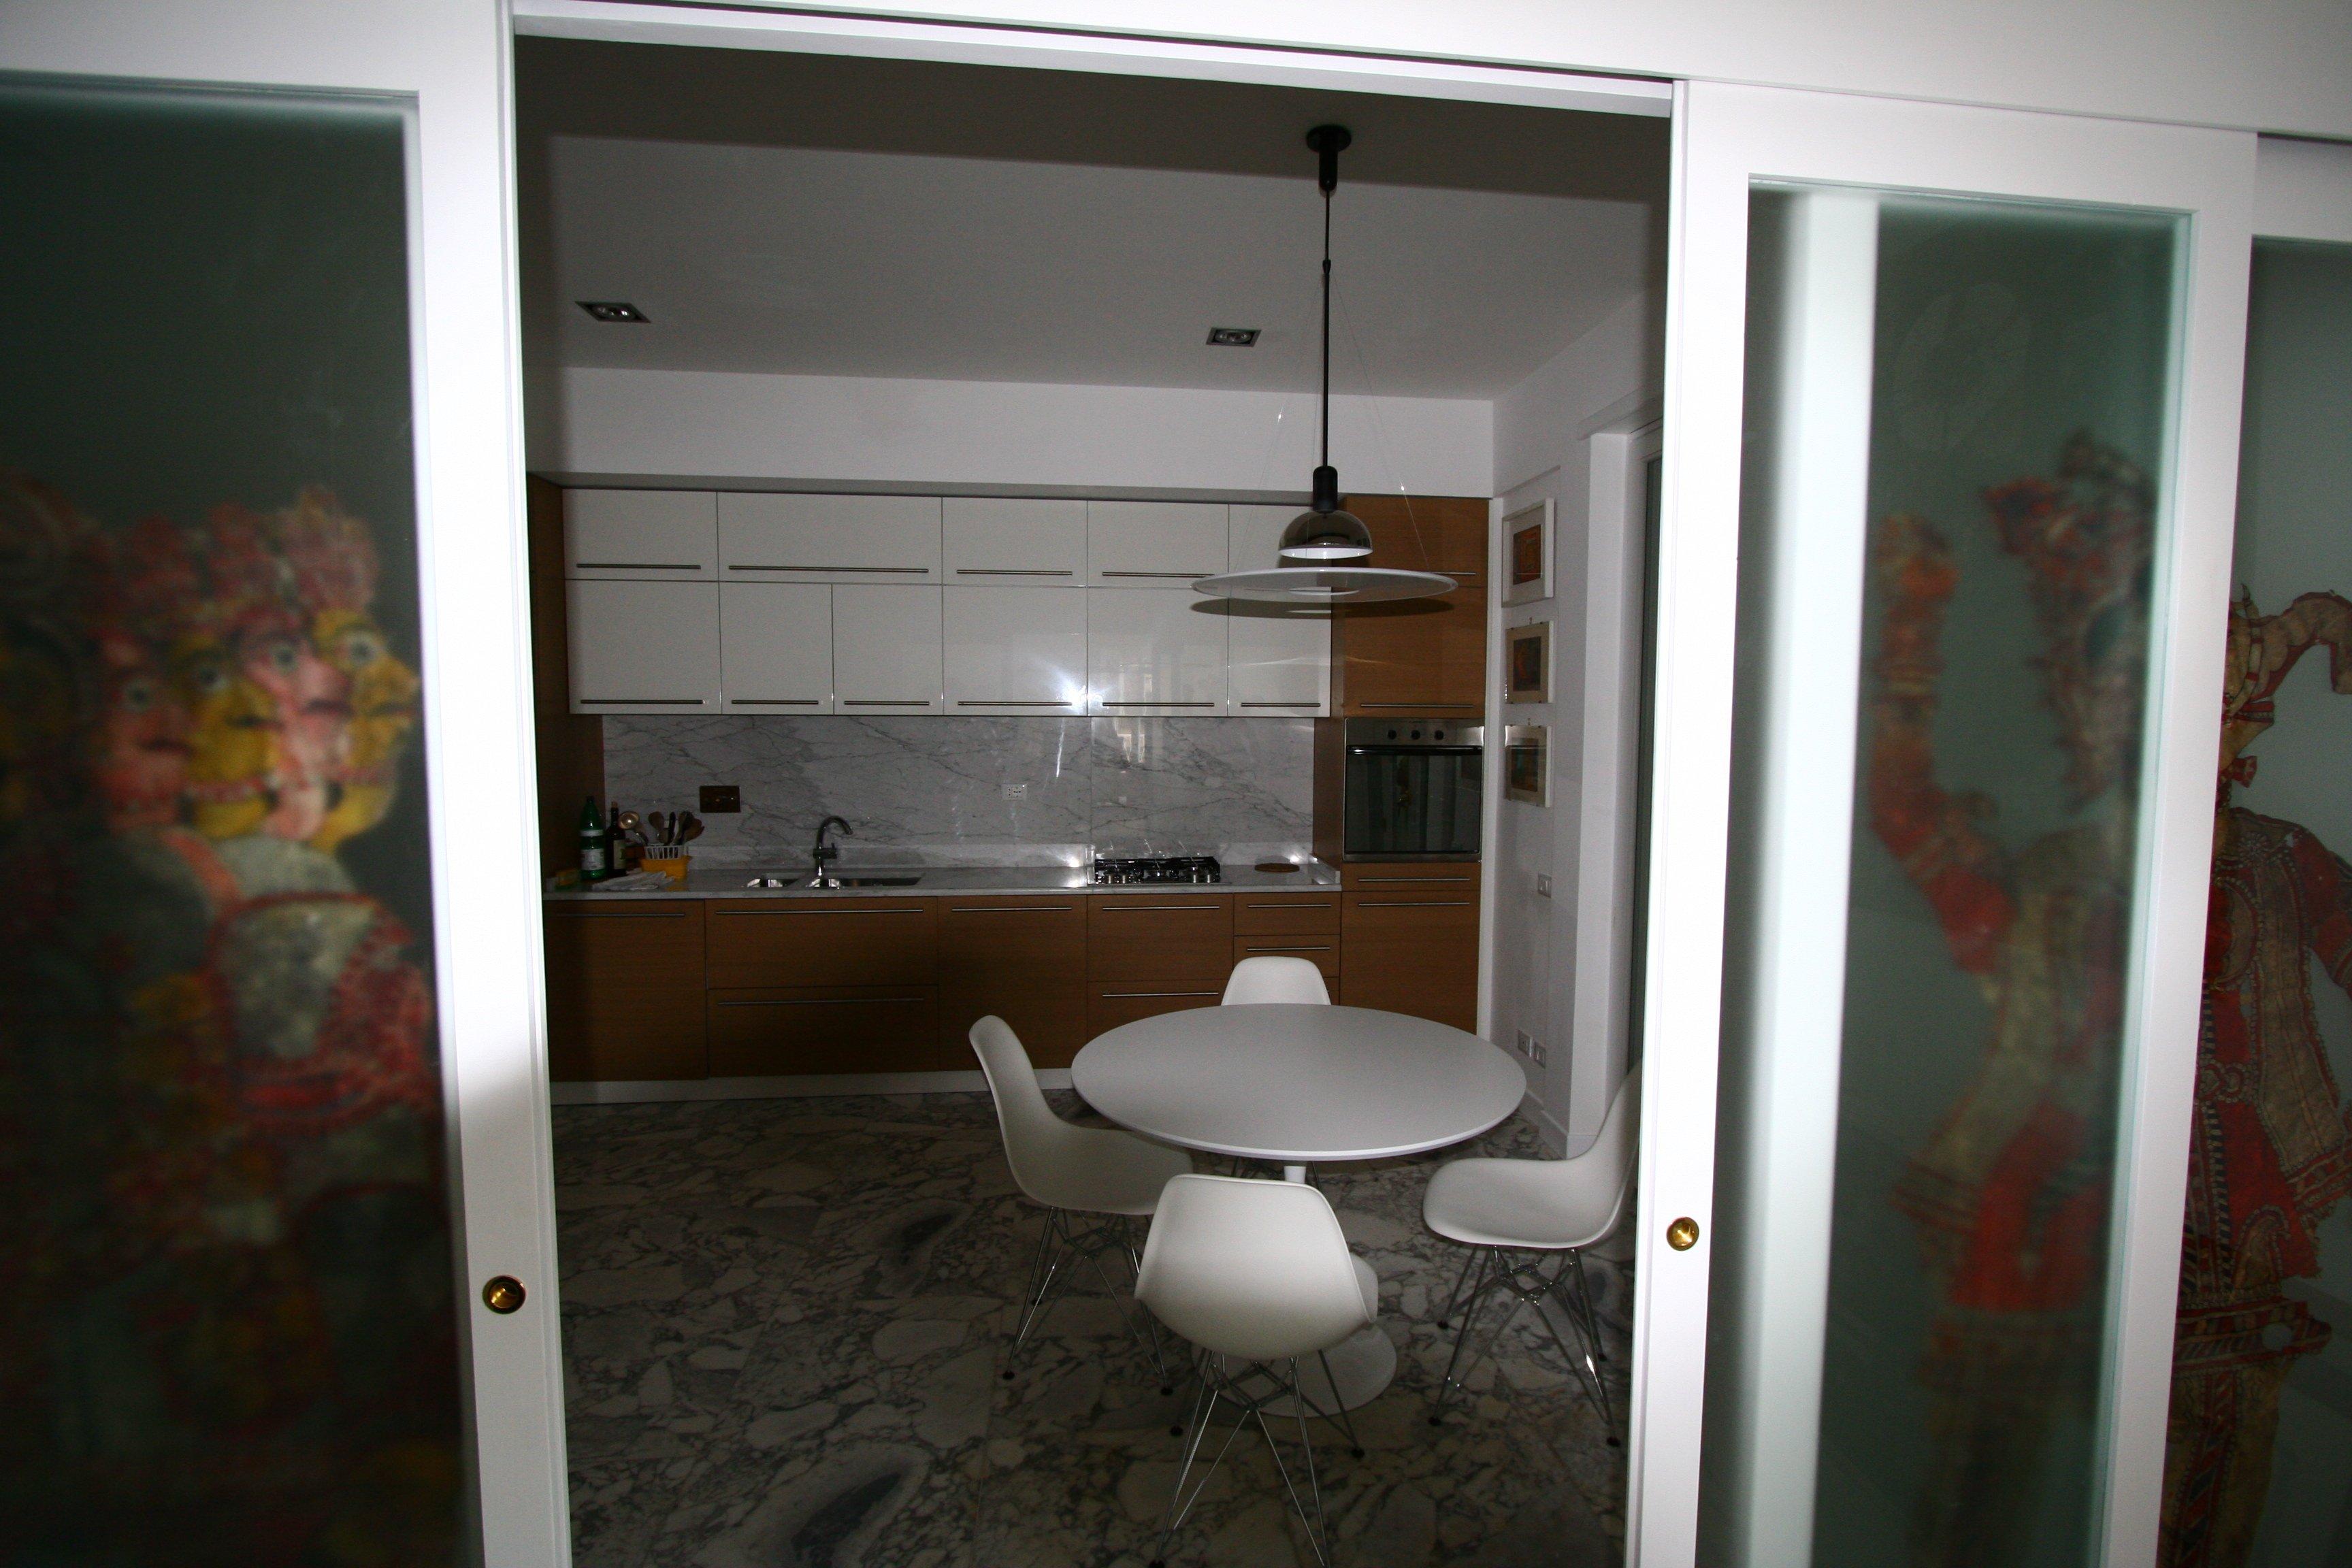 Image: Cucina foto 6 entrata porta scorrevole salone